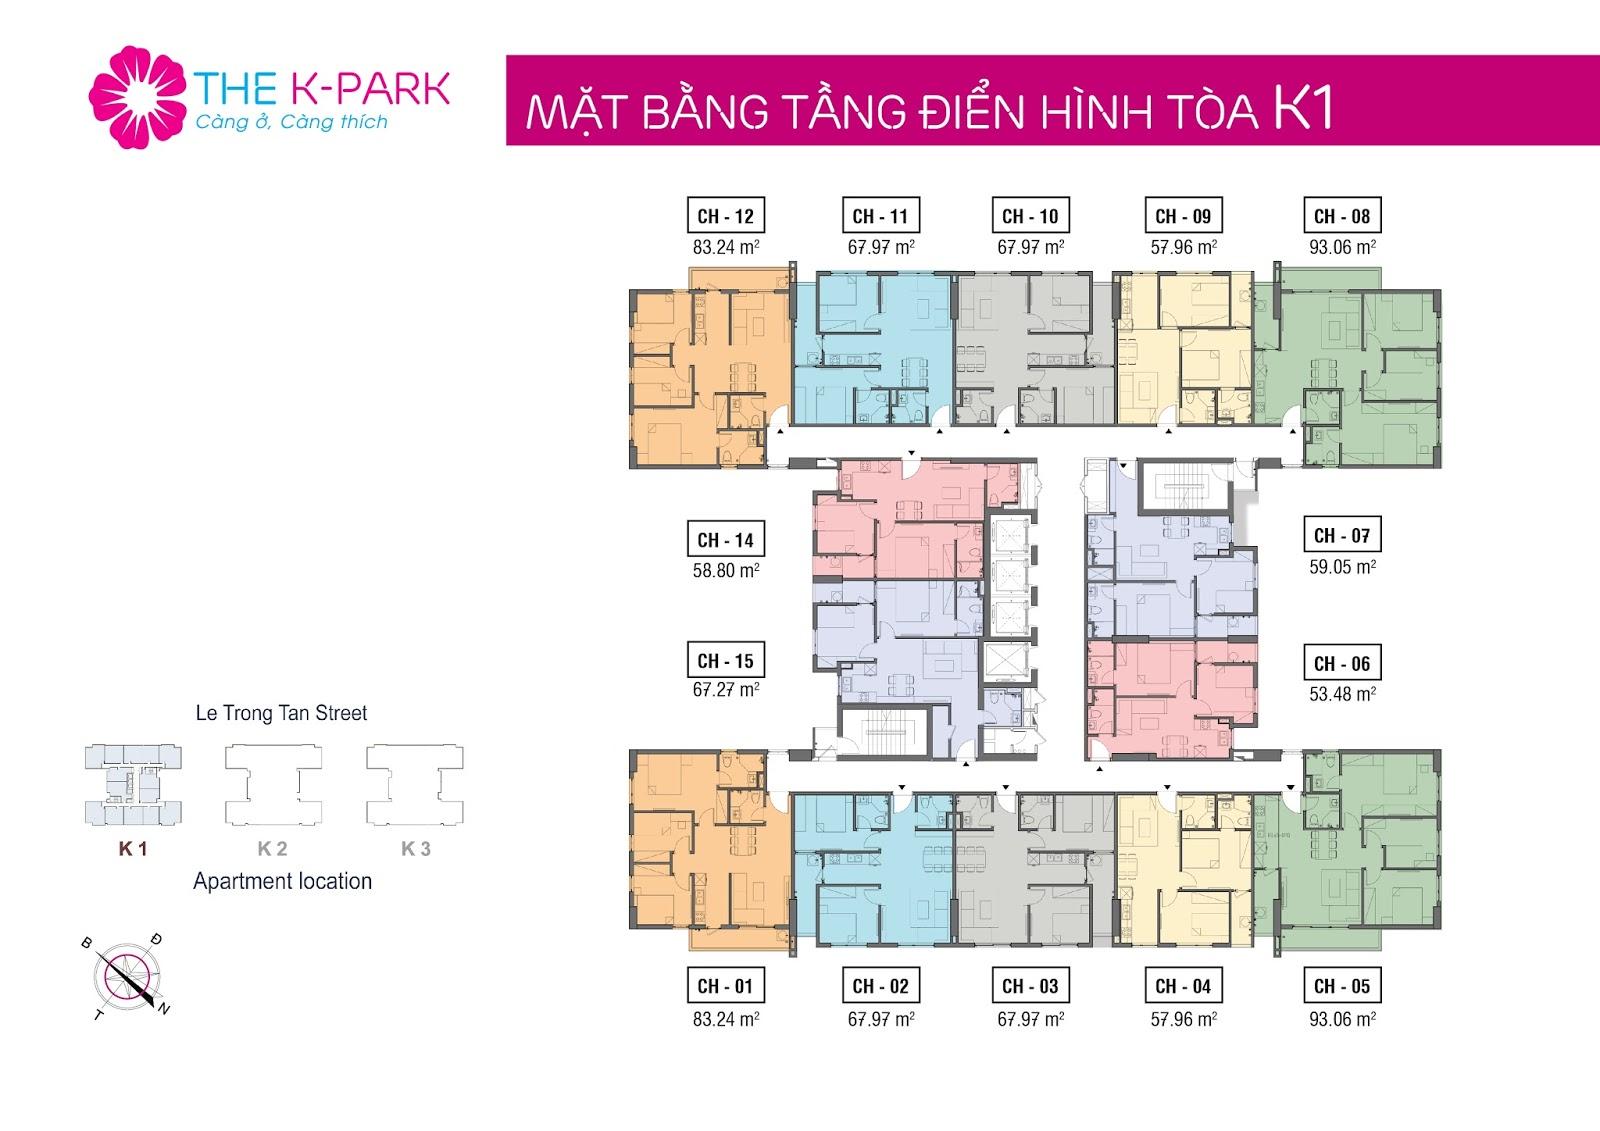 Mặt bằng tòa K1 dự án The K Park Văn Phú